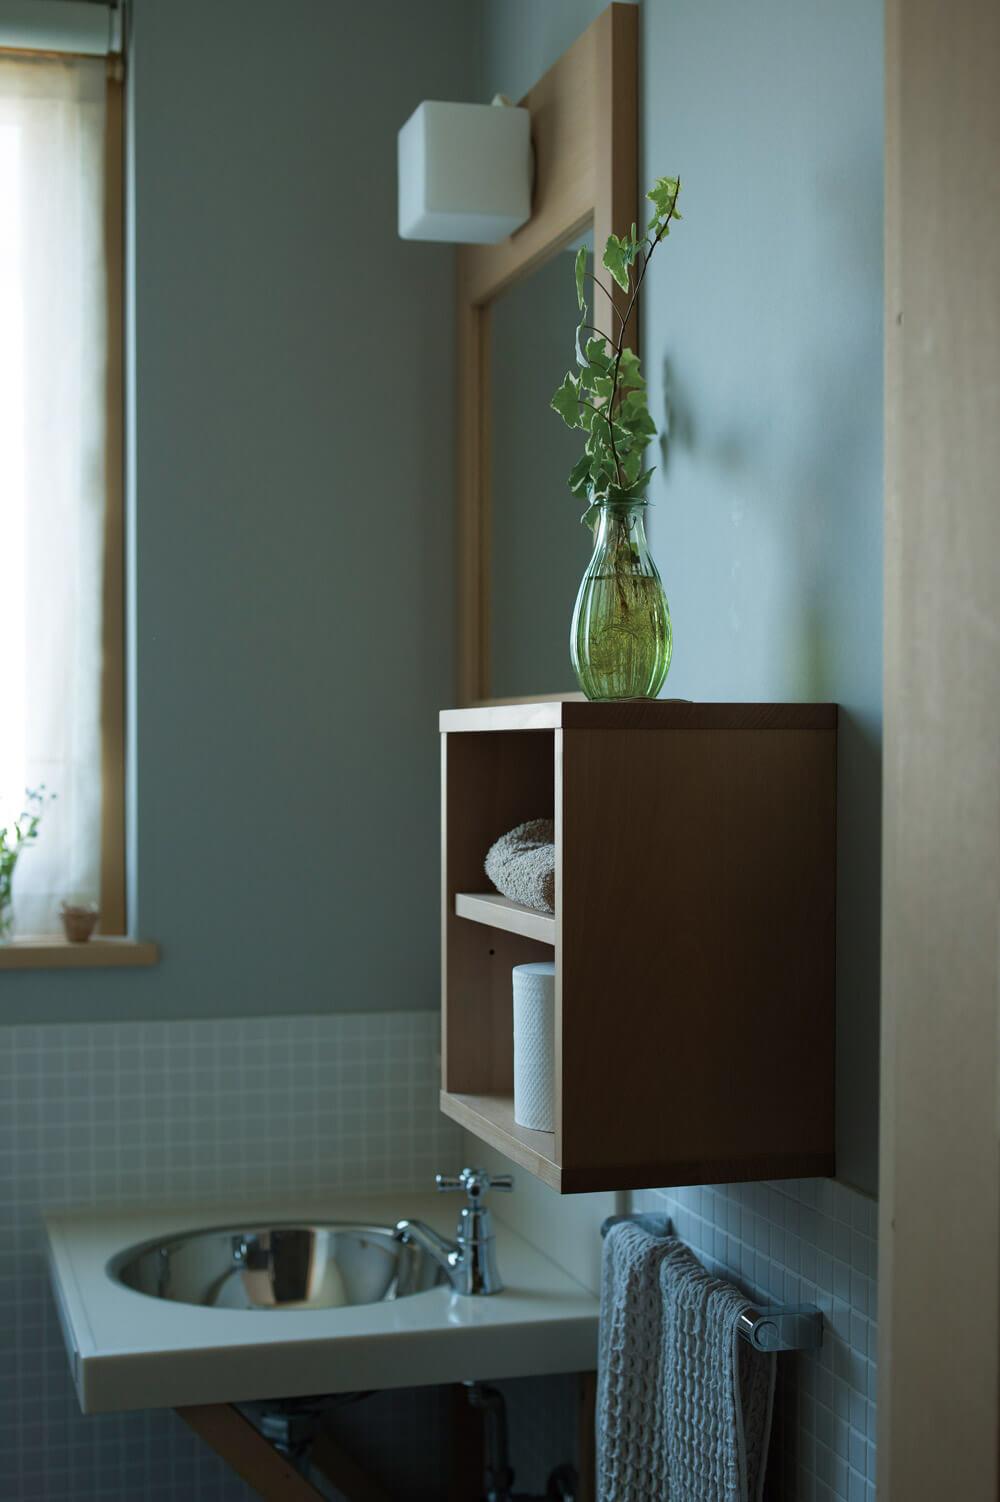 トイレも造作の収納や鏡を採用した造作仕様。子ども室のある2階にも雰囲気の異なるトイレが設けられている